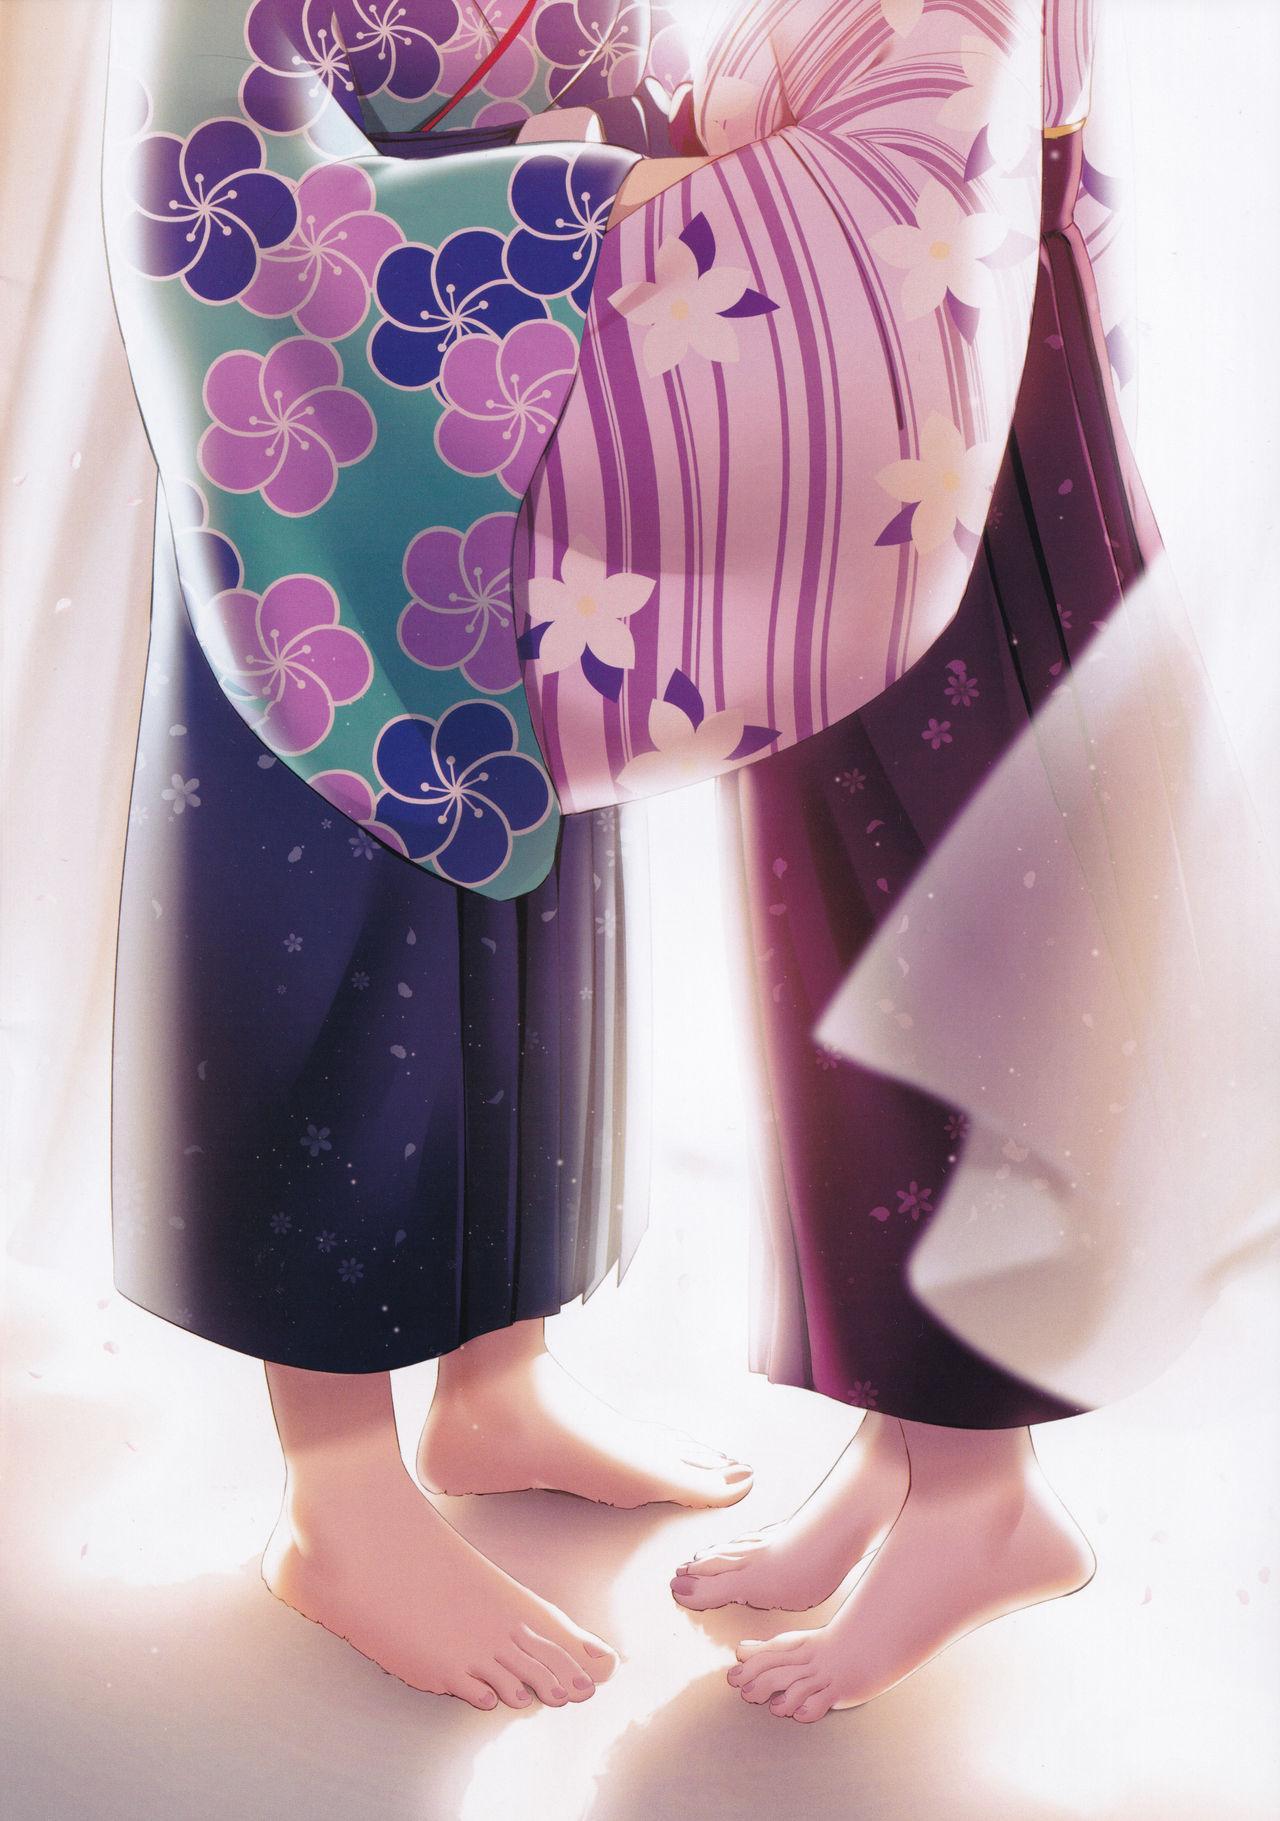 Kasanaru Unmei 5